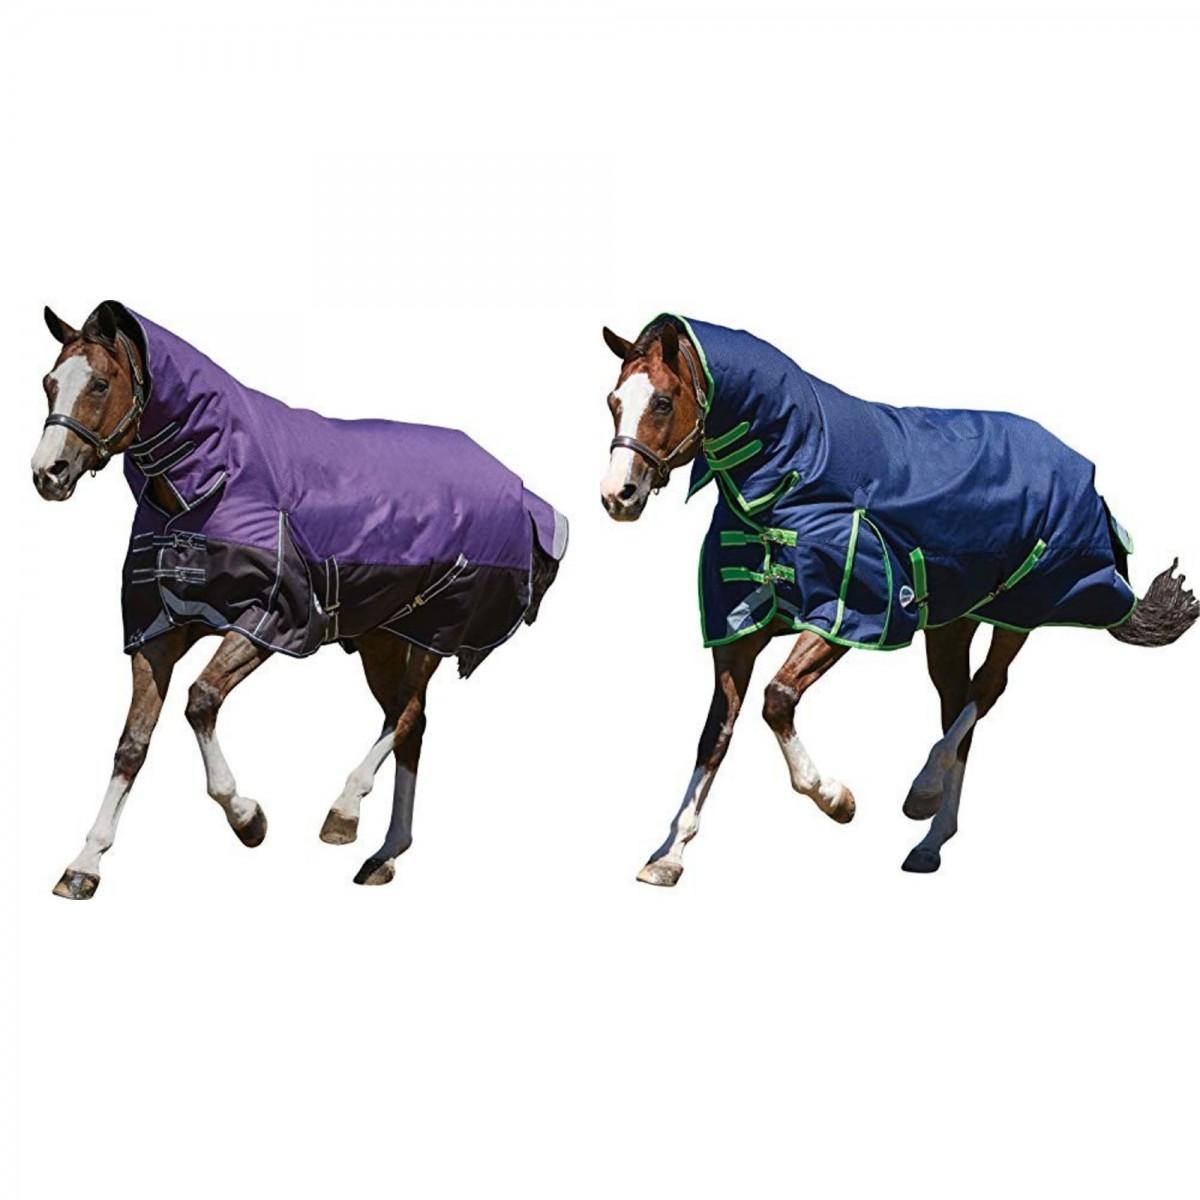 (ウェザビータ) Weatherbeeta 馬用 Comfitec Plus ミディアム/ライト ダイナミックコンボ ネックラグ 馬着 乗馬 ホースライディング 【海外直送】